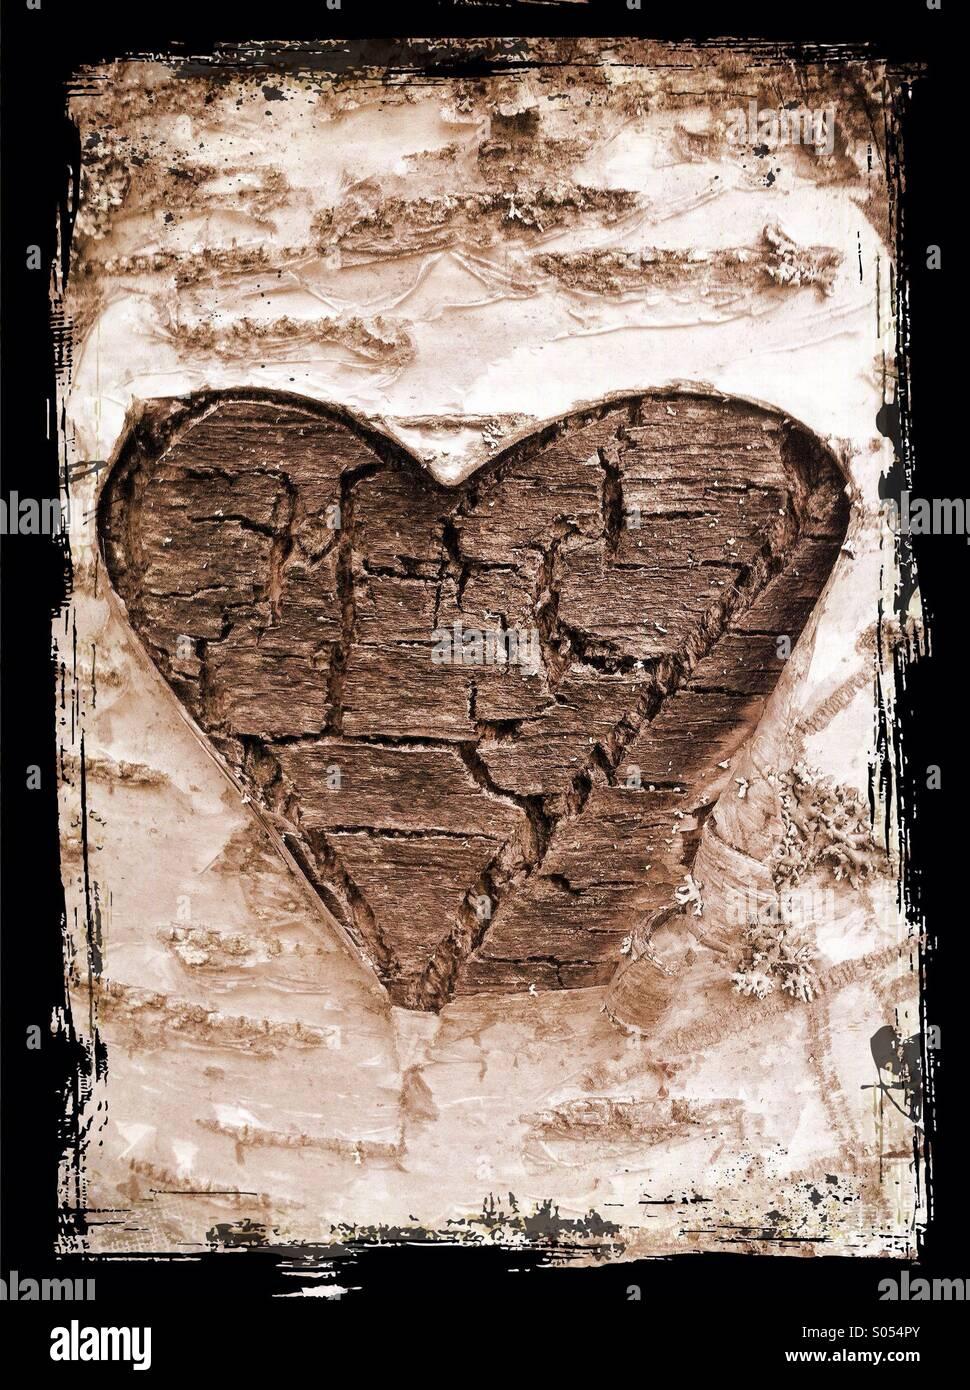 Un corazón para cortar un árbol de abedul Imagen De Stock